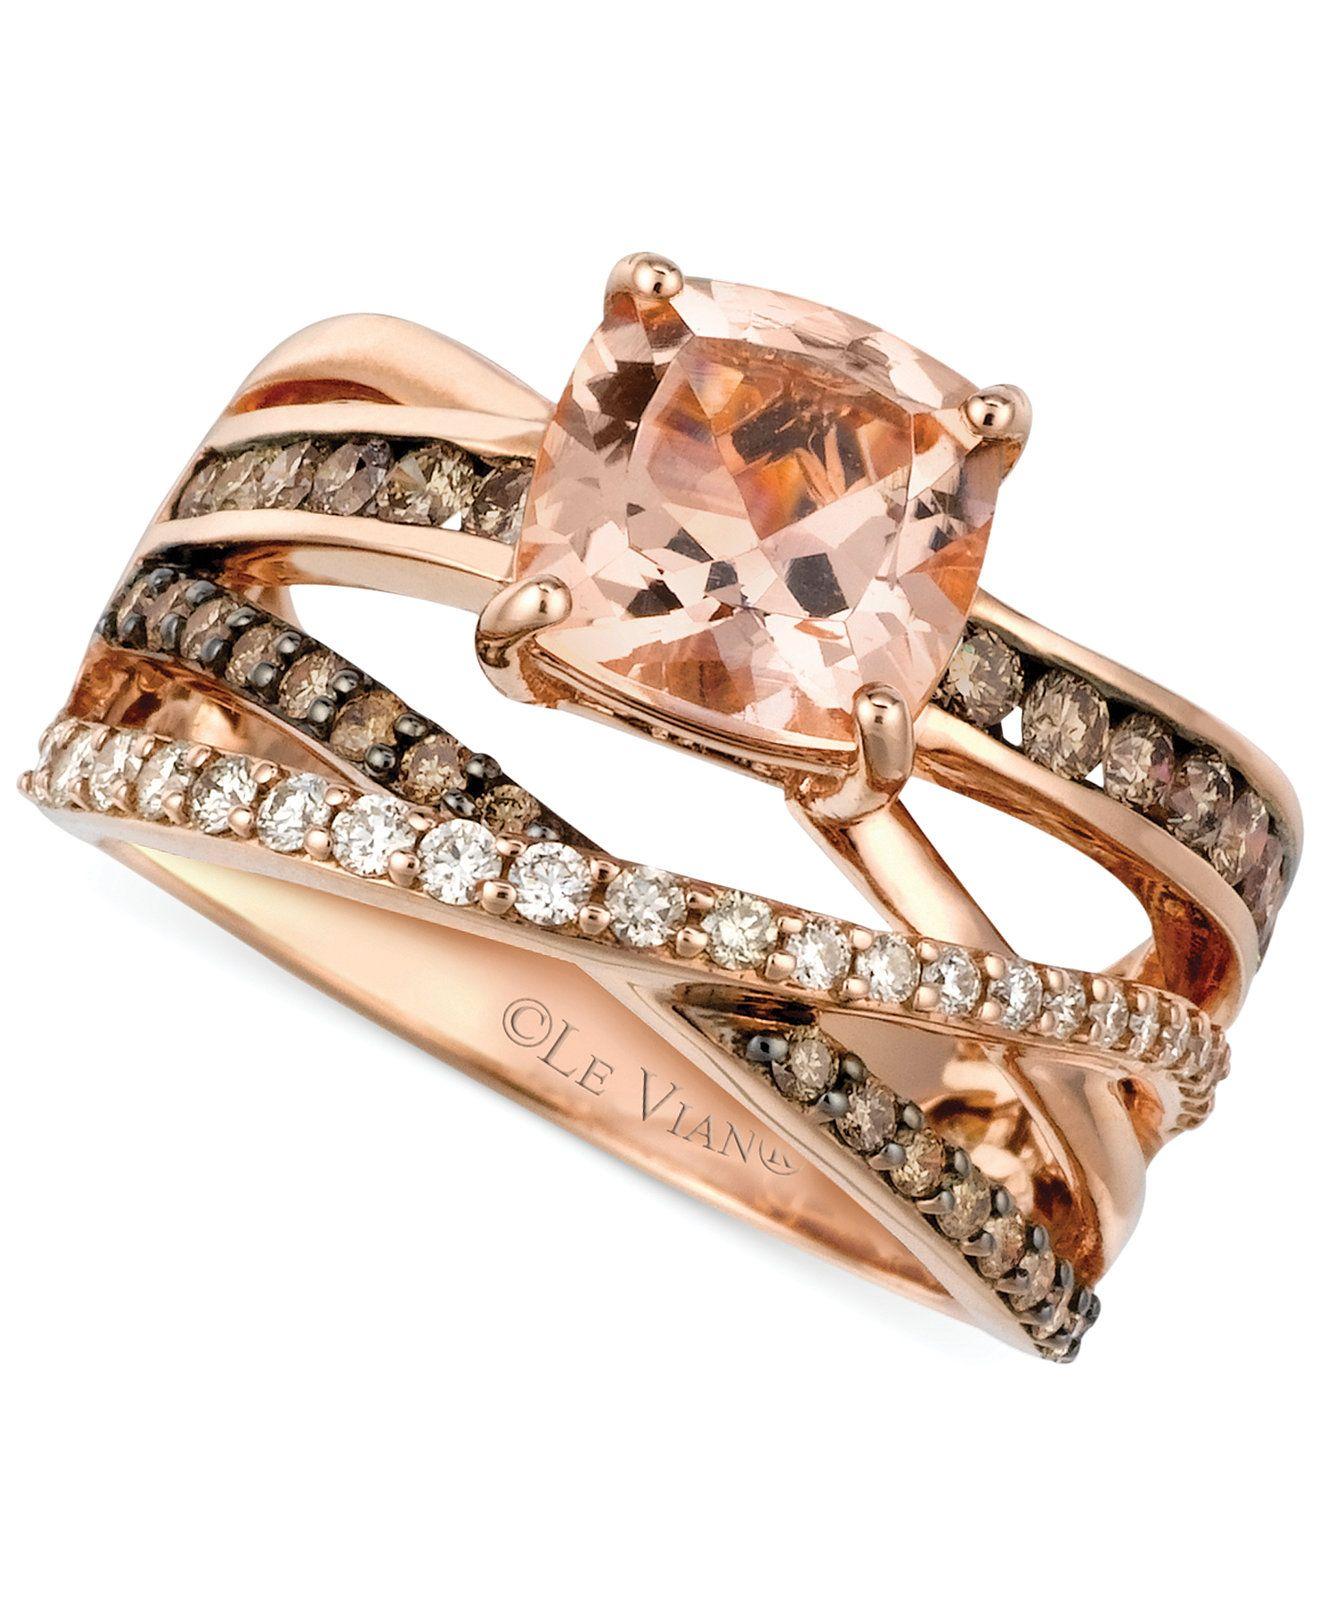 Le Vian Peach Morganite 1 3 4 ct t w and Diamond 3 4 ct t w